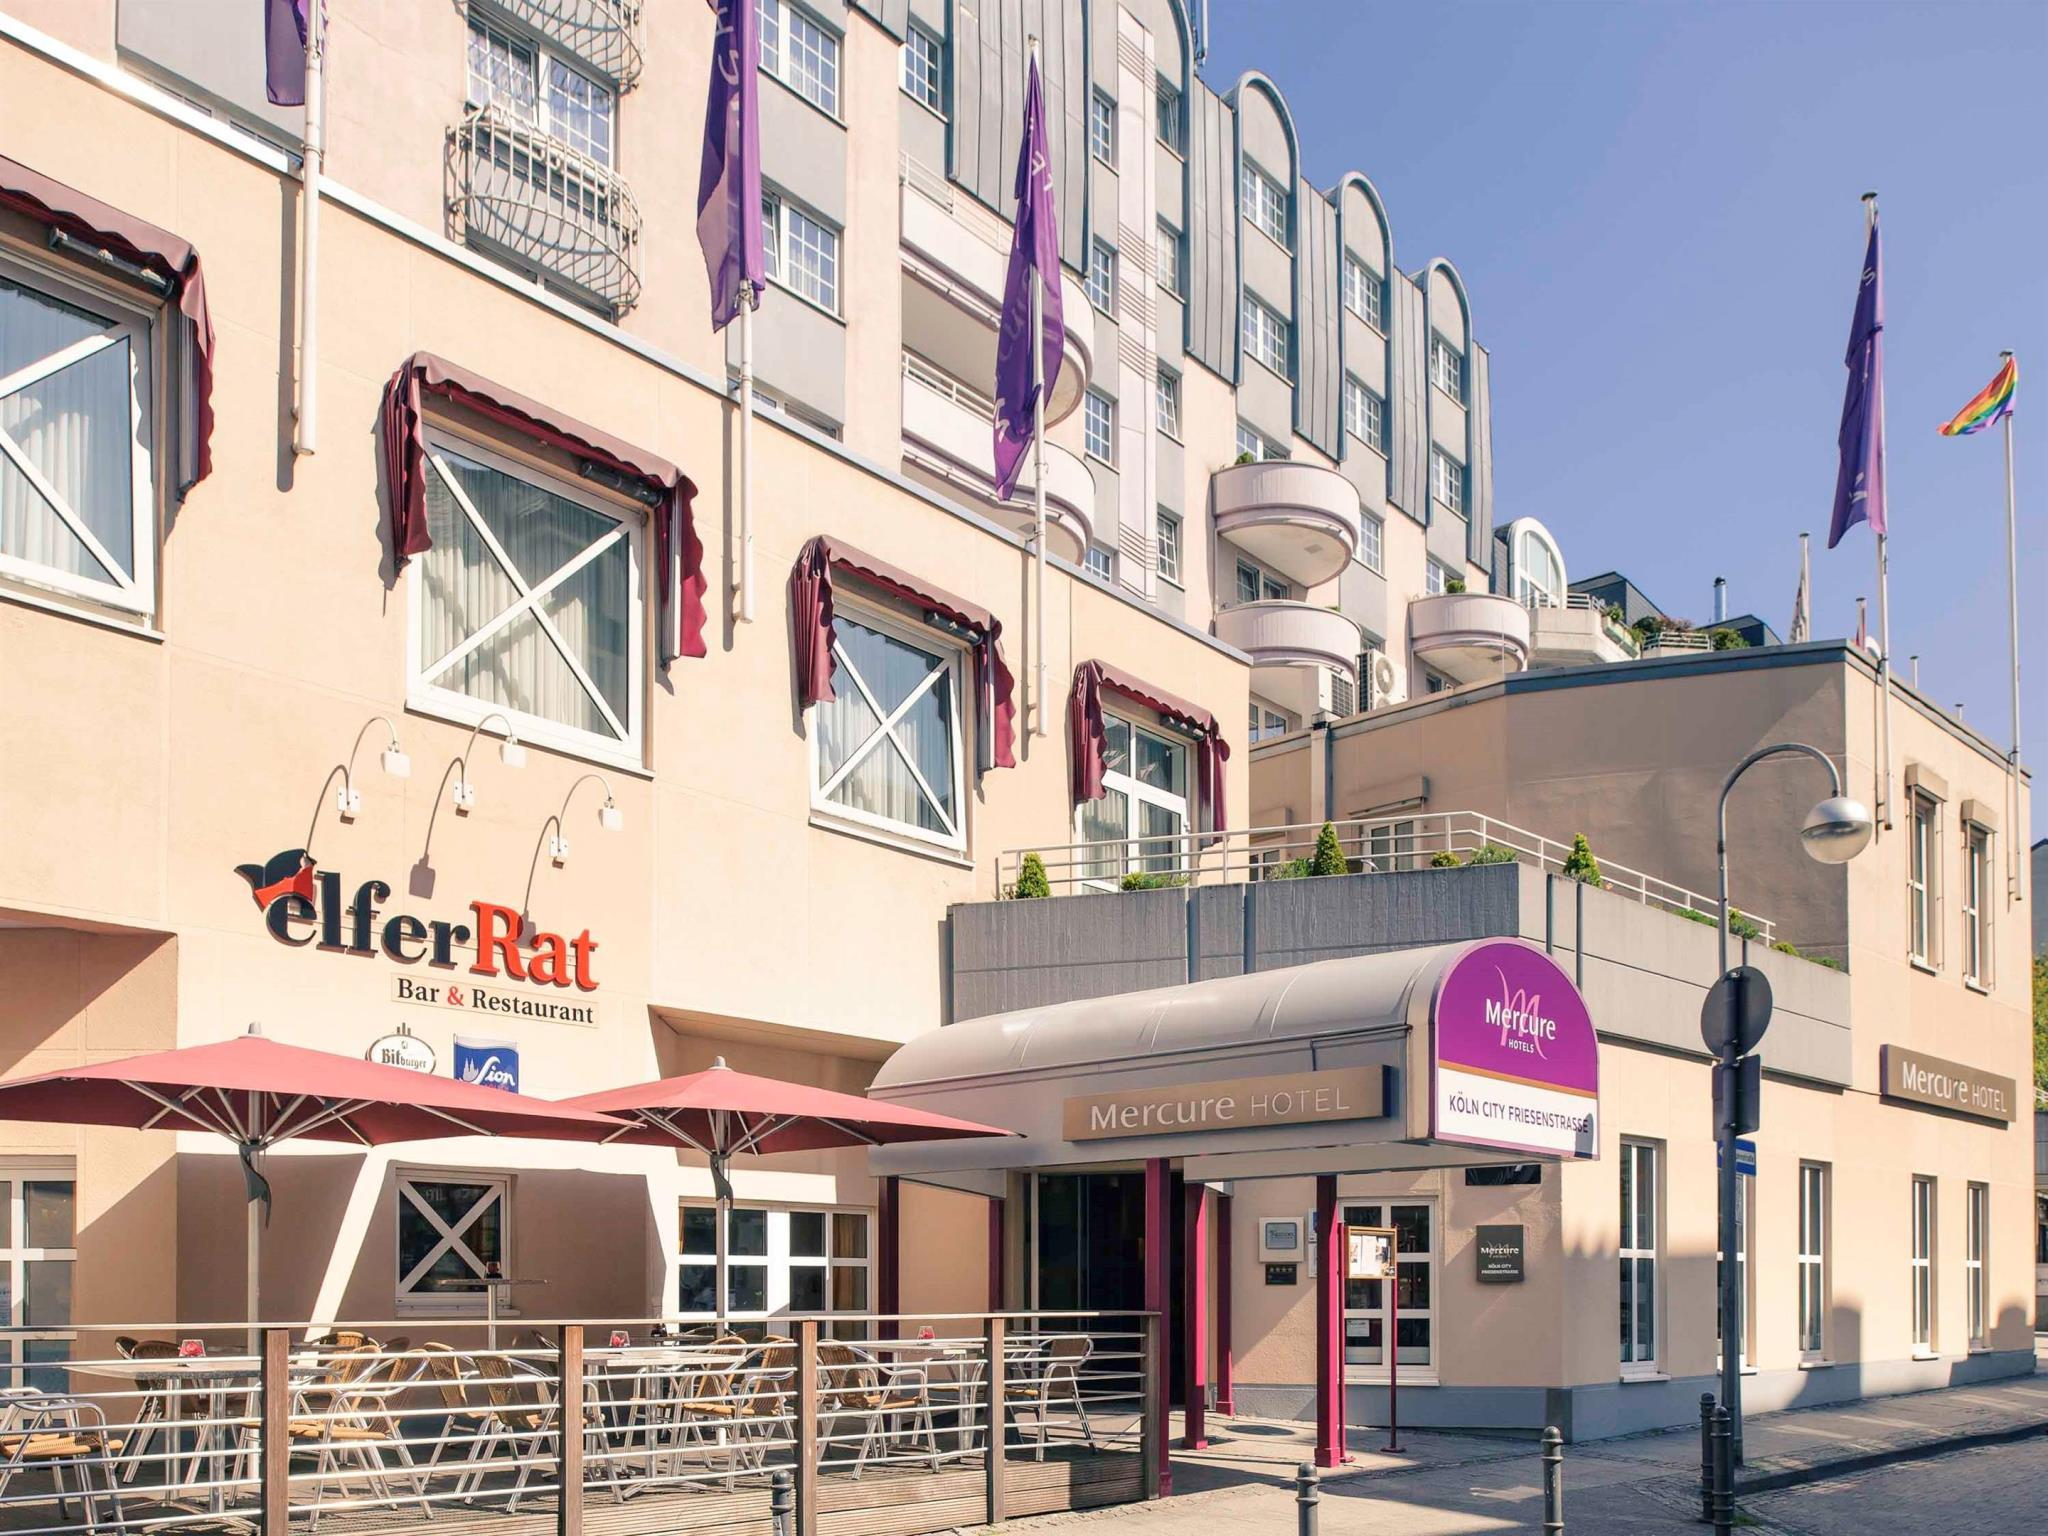 Mercure Hotel Koeln City Friesentrasse